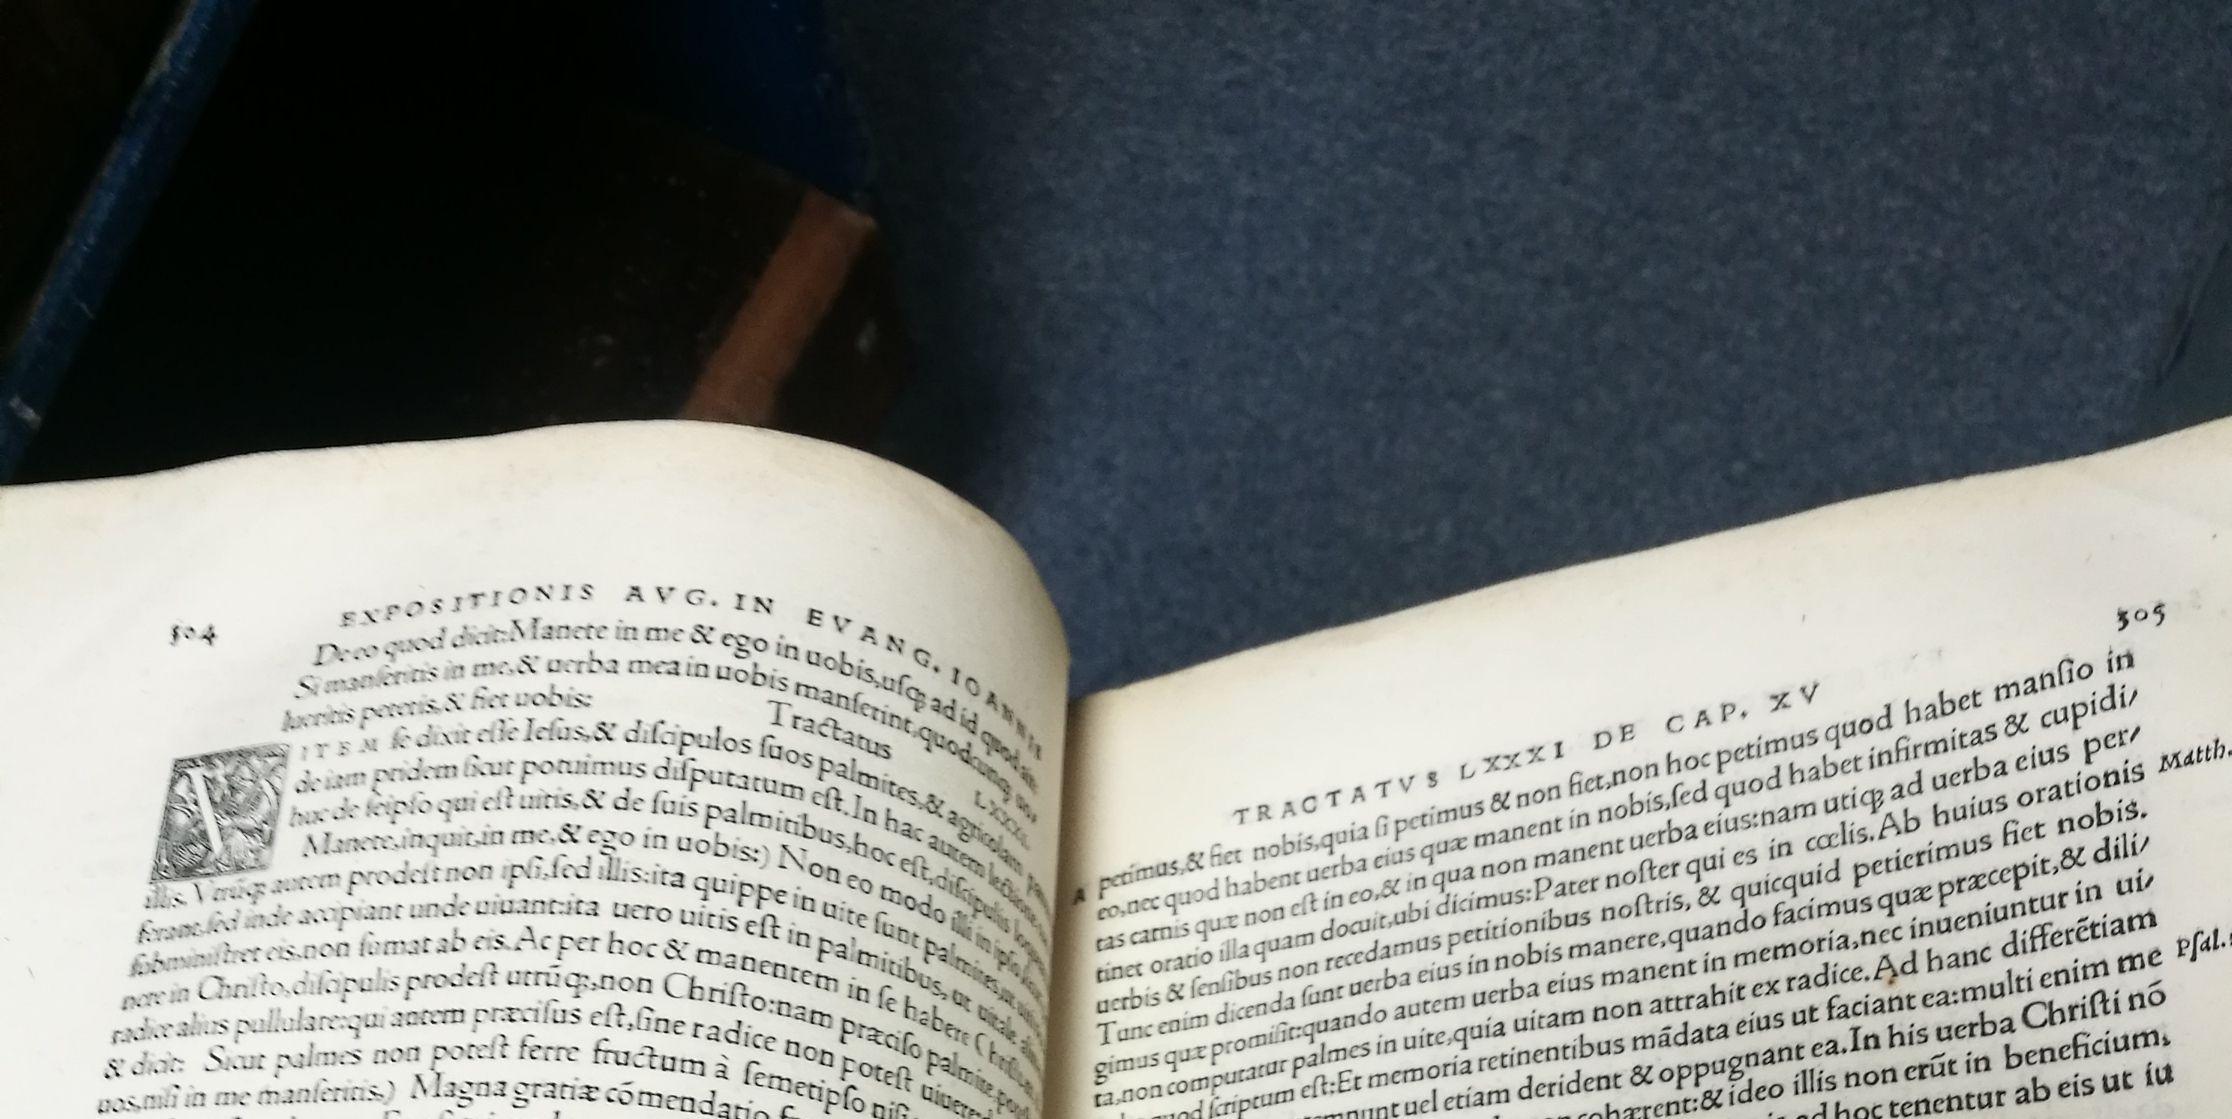 Half-Eaten Cookie Found Inside A 16th Century Book